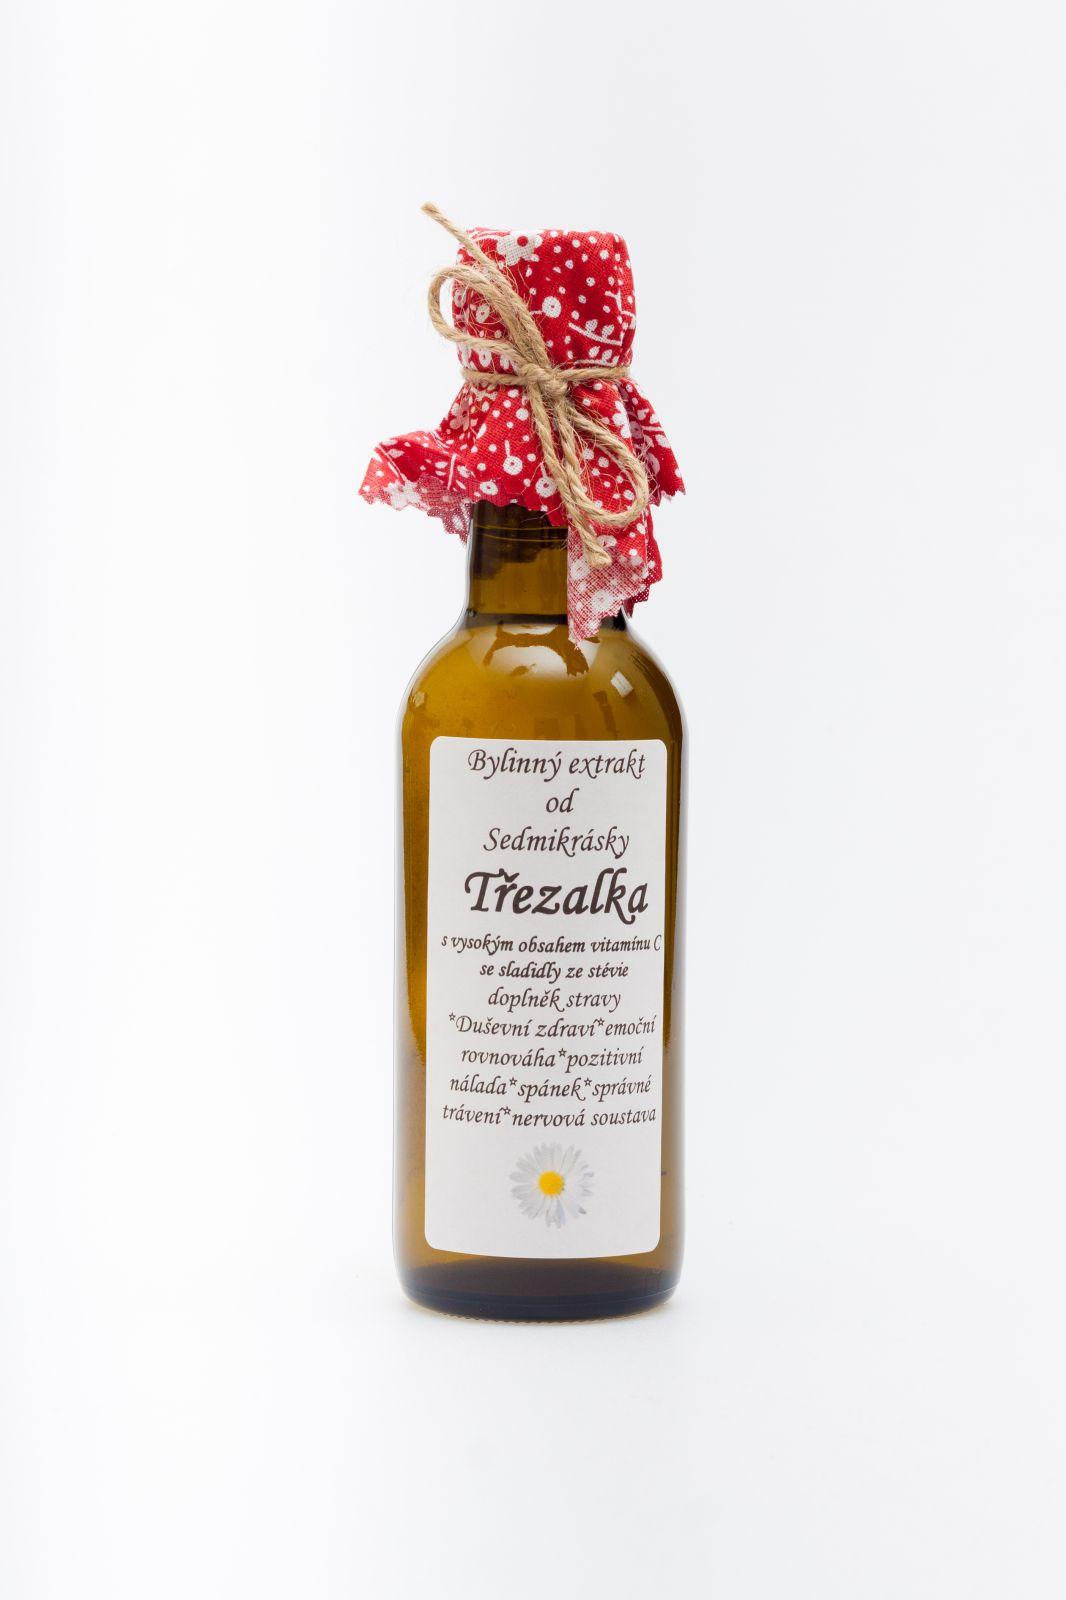 Sedmikráska bylinný extrakt Ľubovník bodkovaný 250ml duševné zdravie, emočné rovnováha, pozitívna nálada, spánok, správne trávenie, nervová sústava Rodinná farma Sedmikráska